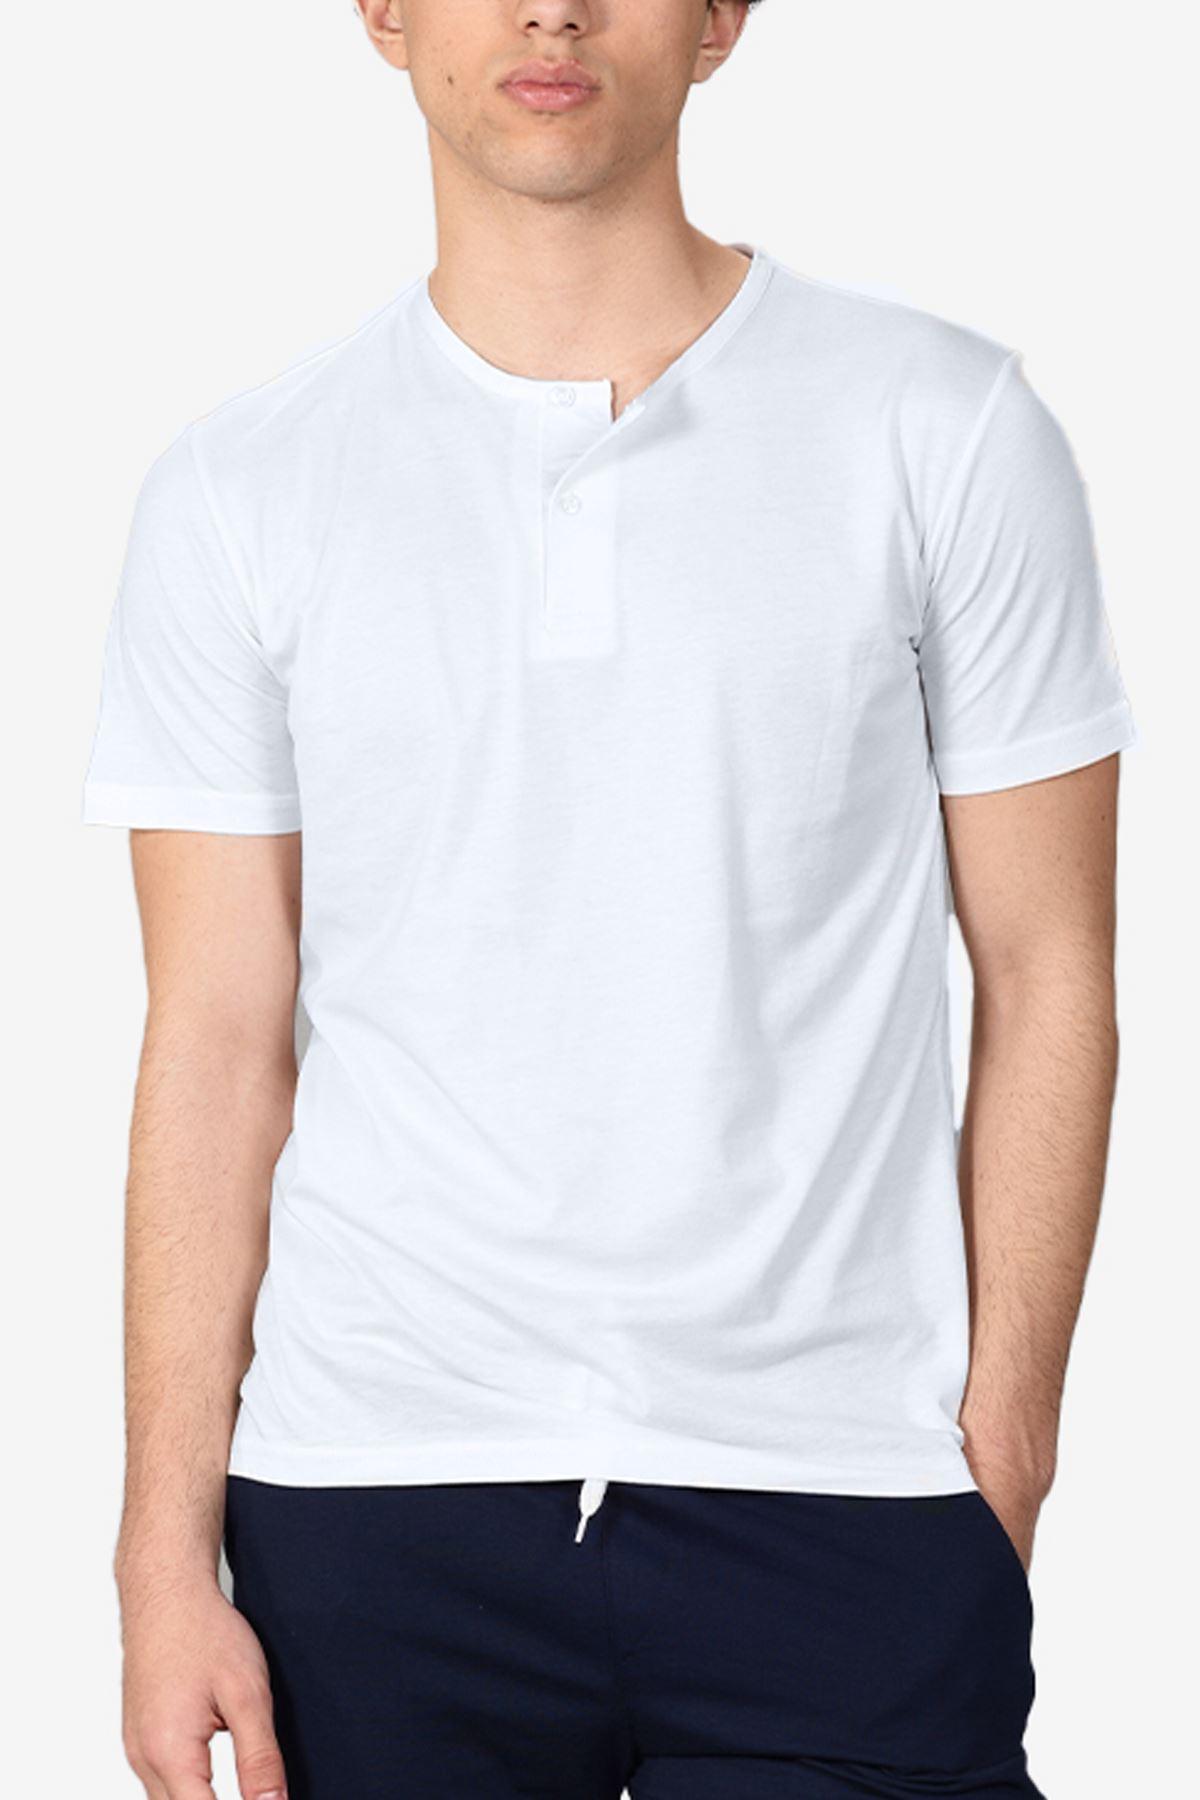 Malabadi Erkek 3 lü Paket Siyah-Beyaz-Lacivert Düğmeli Yaka İnce Modal Tişört 3M083